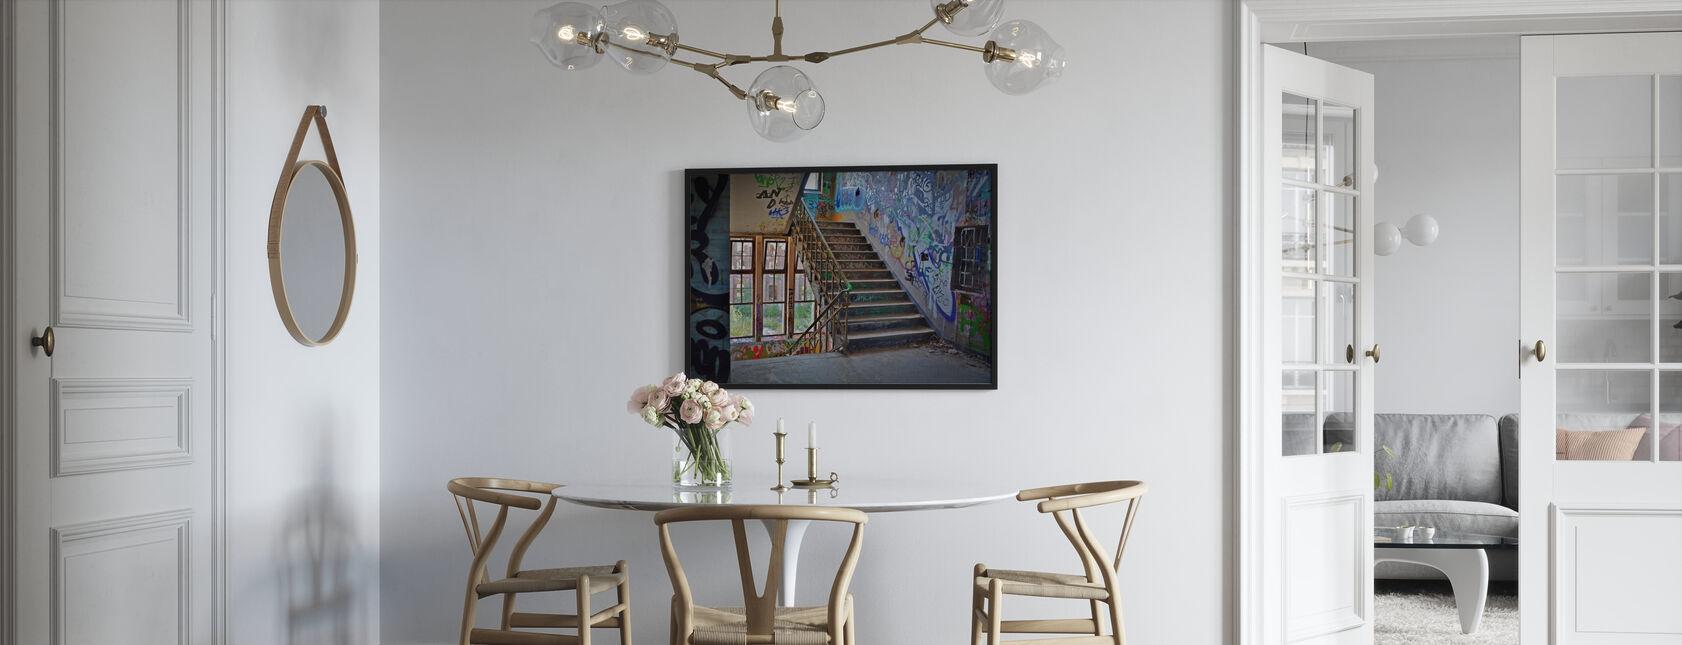 Industriebauung Treppenhaus - Gerahmtes bild - Küchen